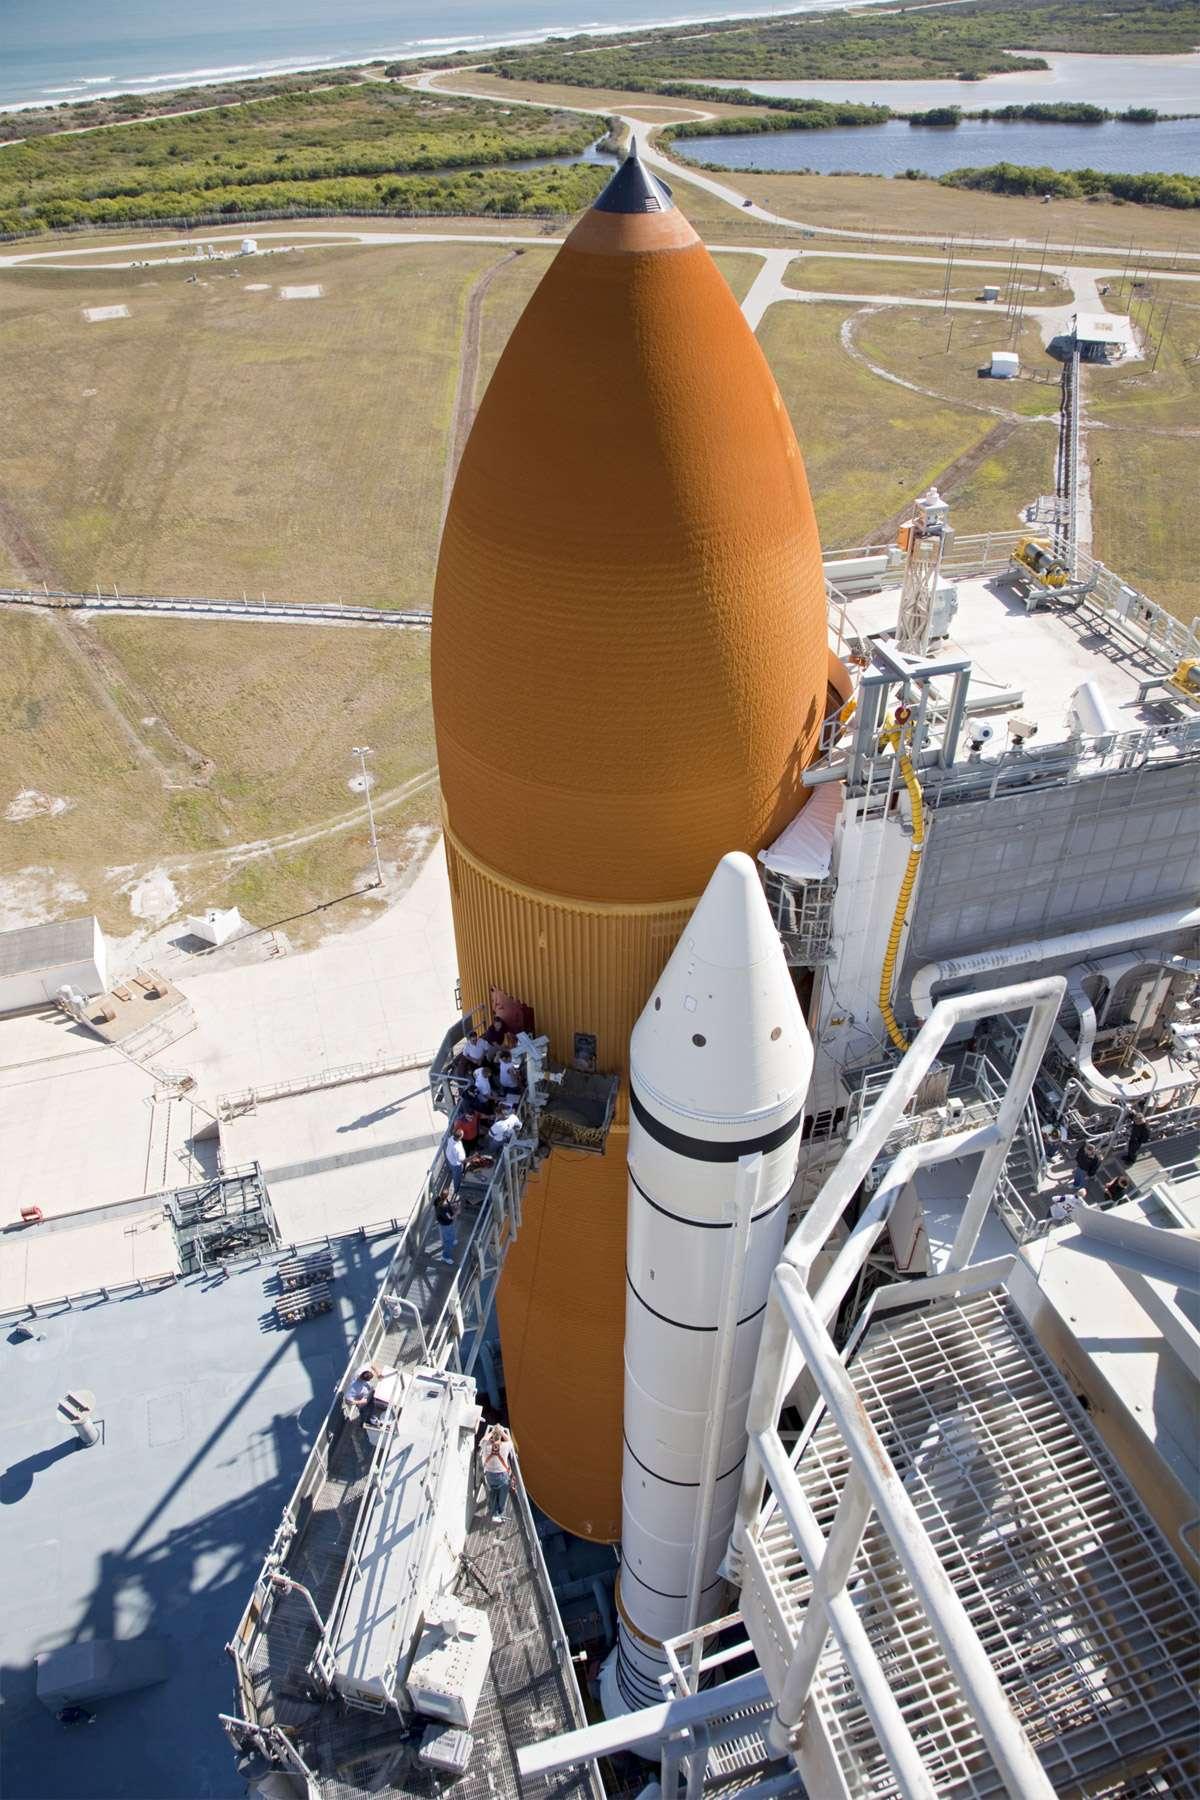 Initialement prévu le 1er novembre, le lancement de Discovery a été reporté à plusieurs reprises pour finalement être fixé au 3 février 2011. Un report qui décale le lancement d'Endeavour (STS-134) au mois d'avril 2011. © Nasa